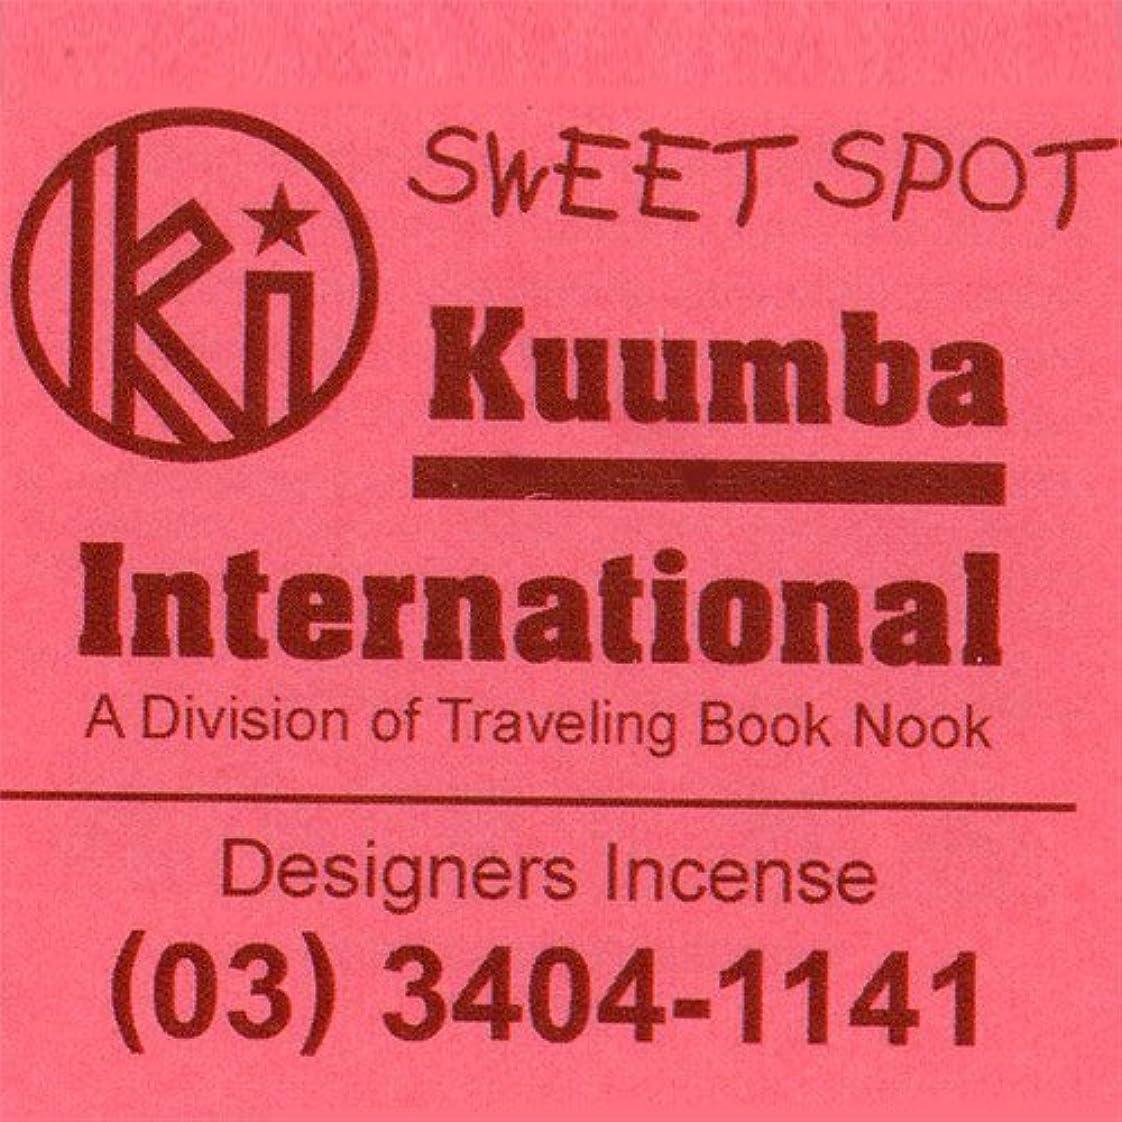 荒野見るユーモラスKUUMBA / クンバ『incense』(SWEET SPOT) (Regular size)